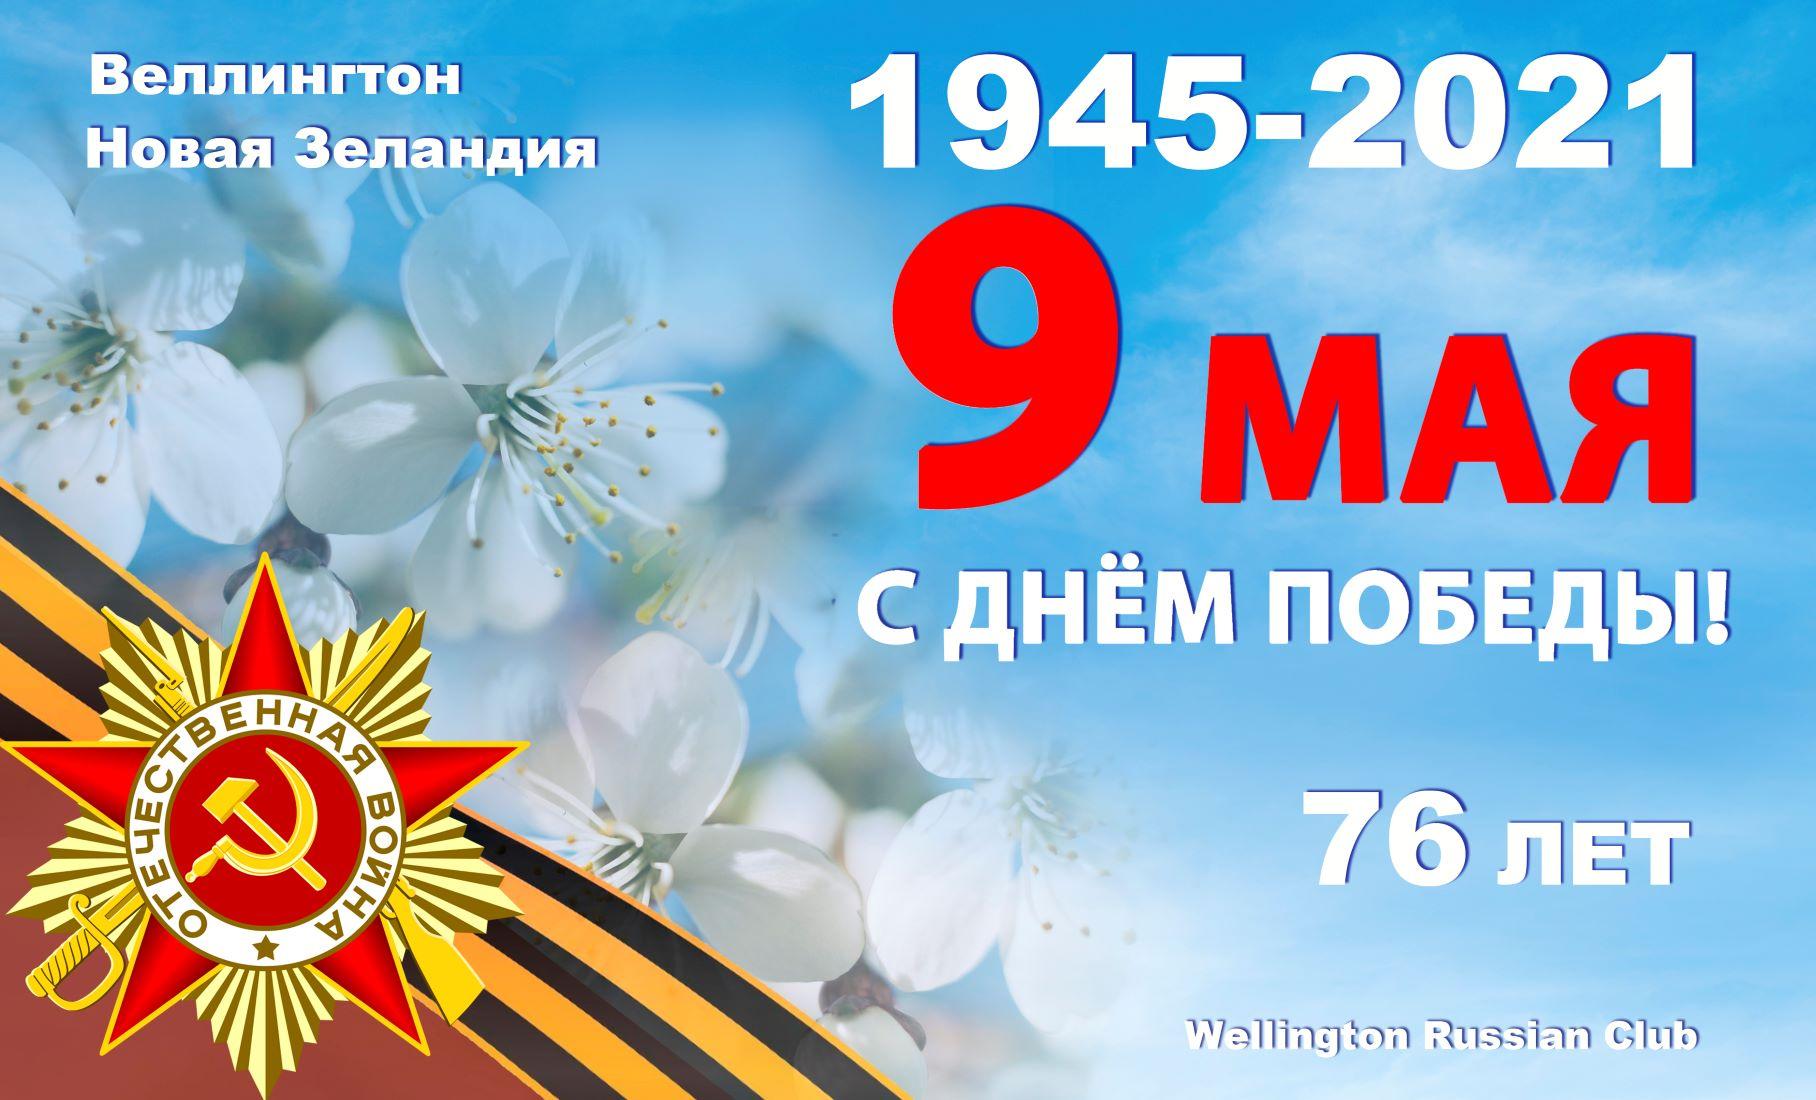 Поздравление с 76-летием Великой Победы